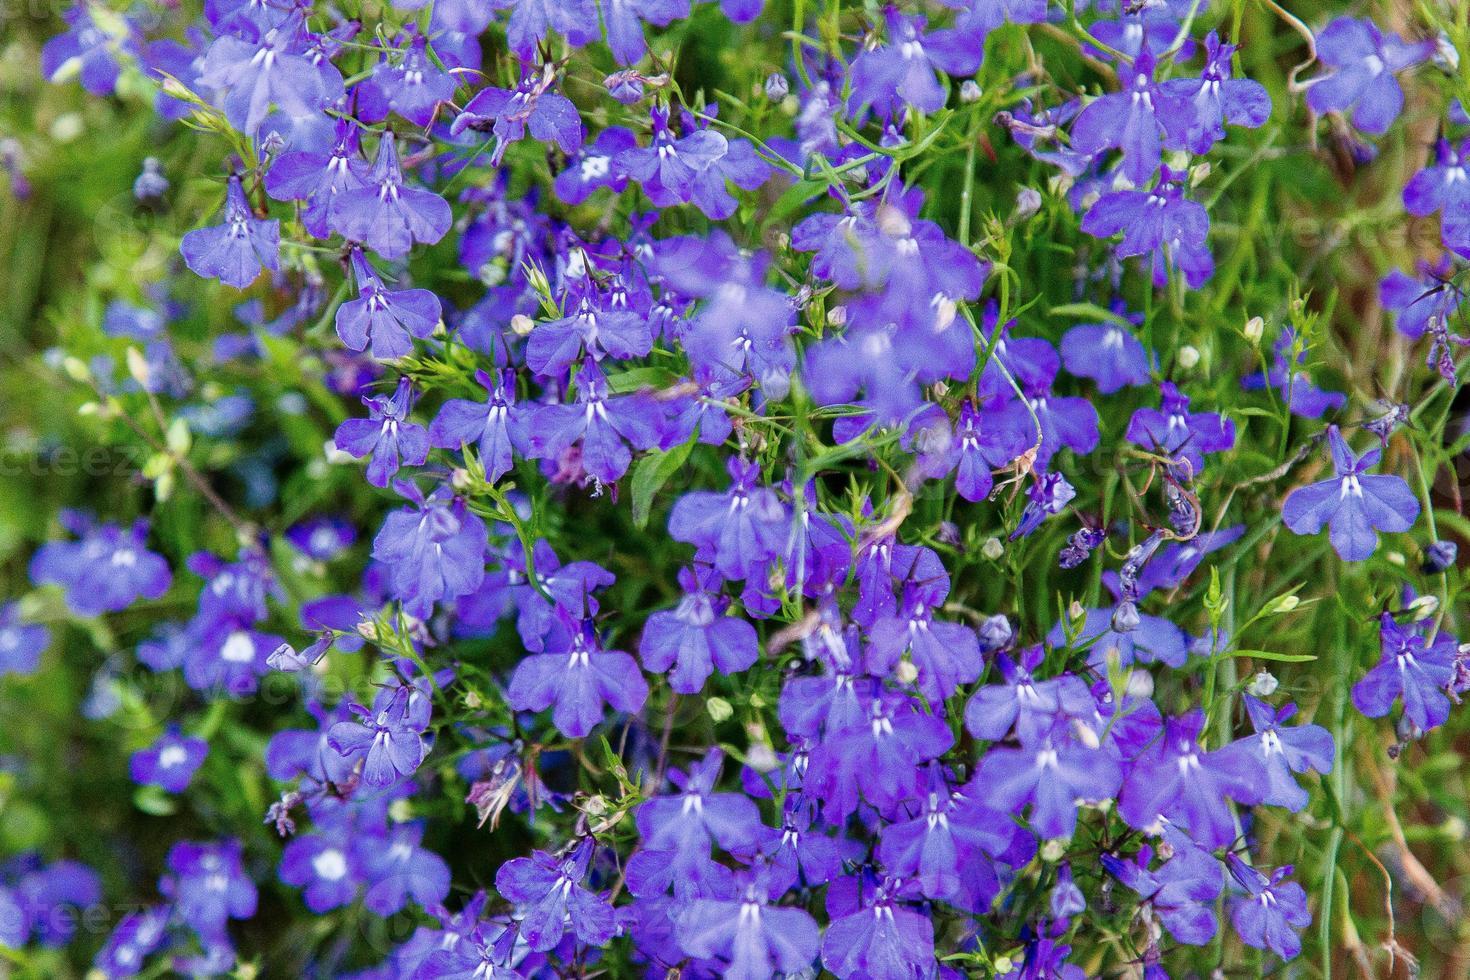 achtergrond van prachtige bloemen - fundo de belas flores foto